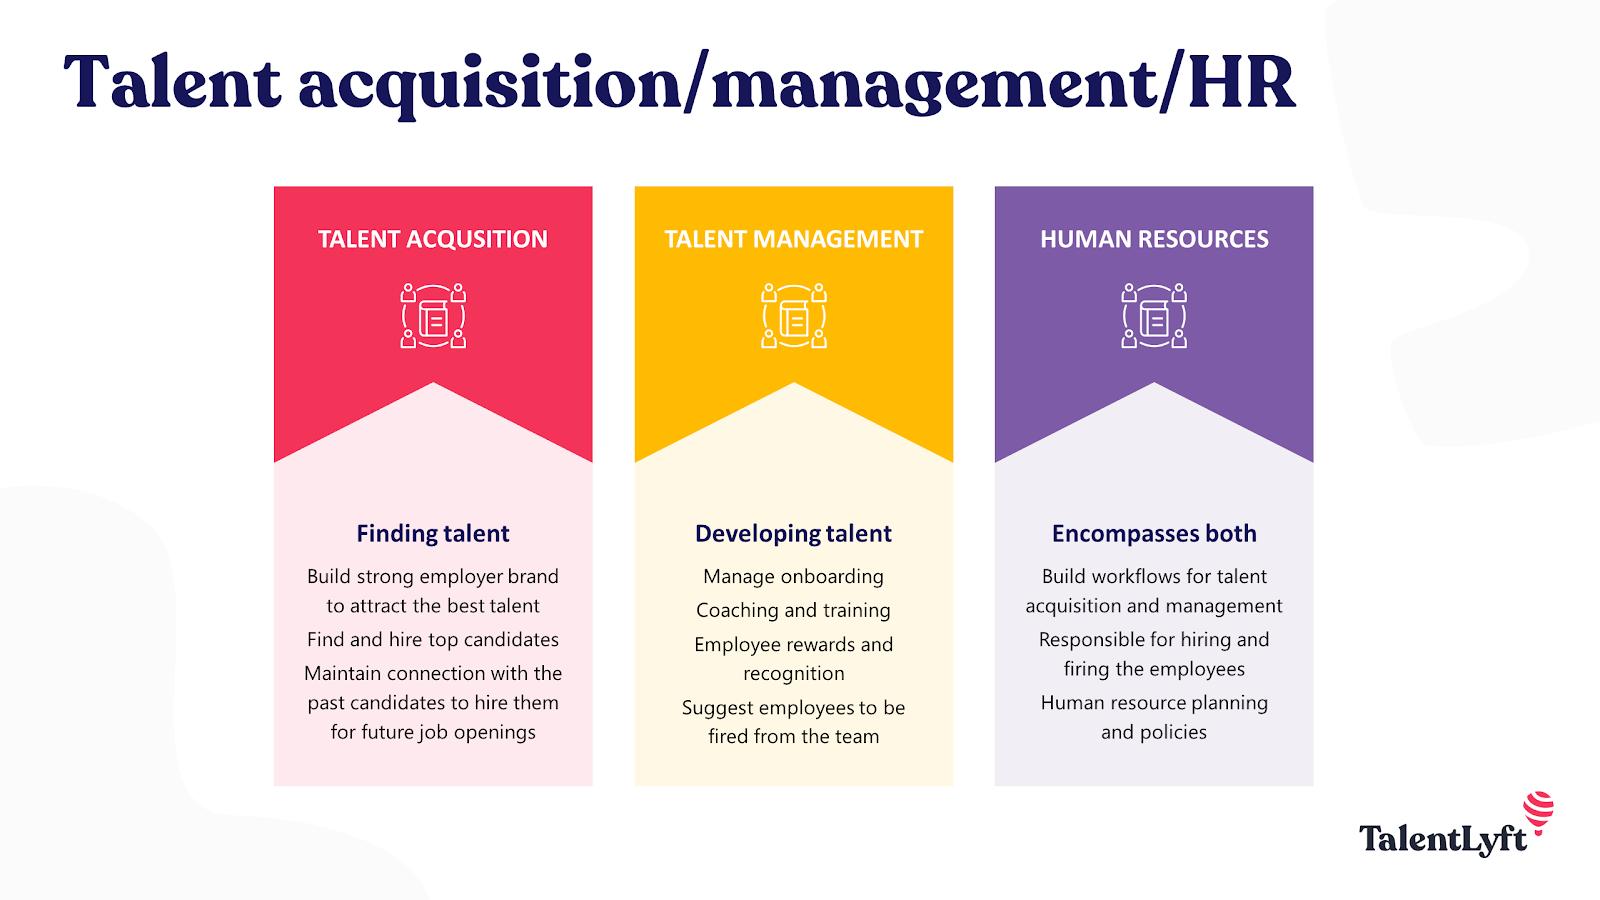 Talent acqusition vs talent management vs HR